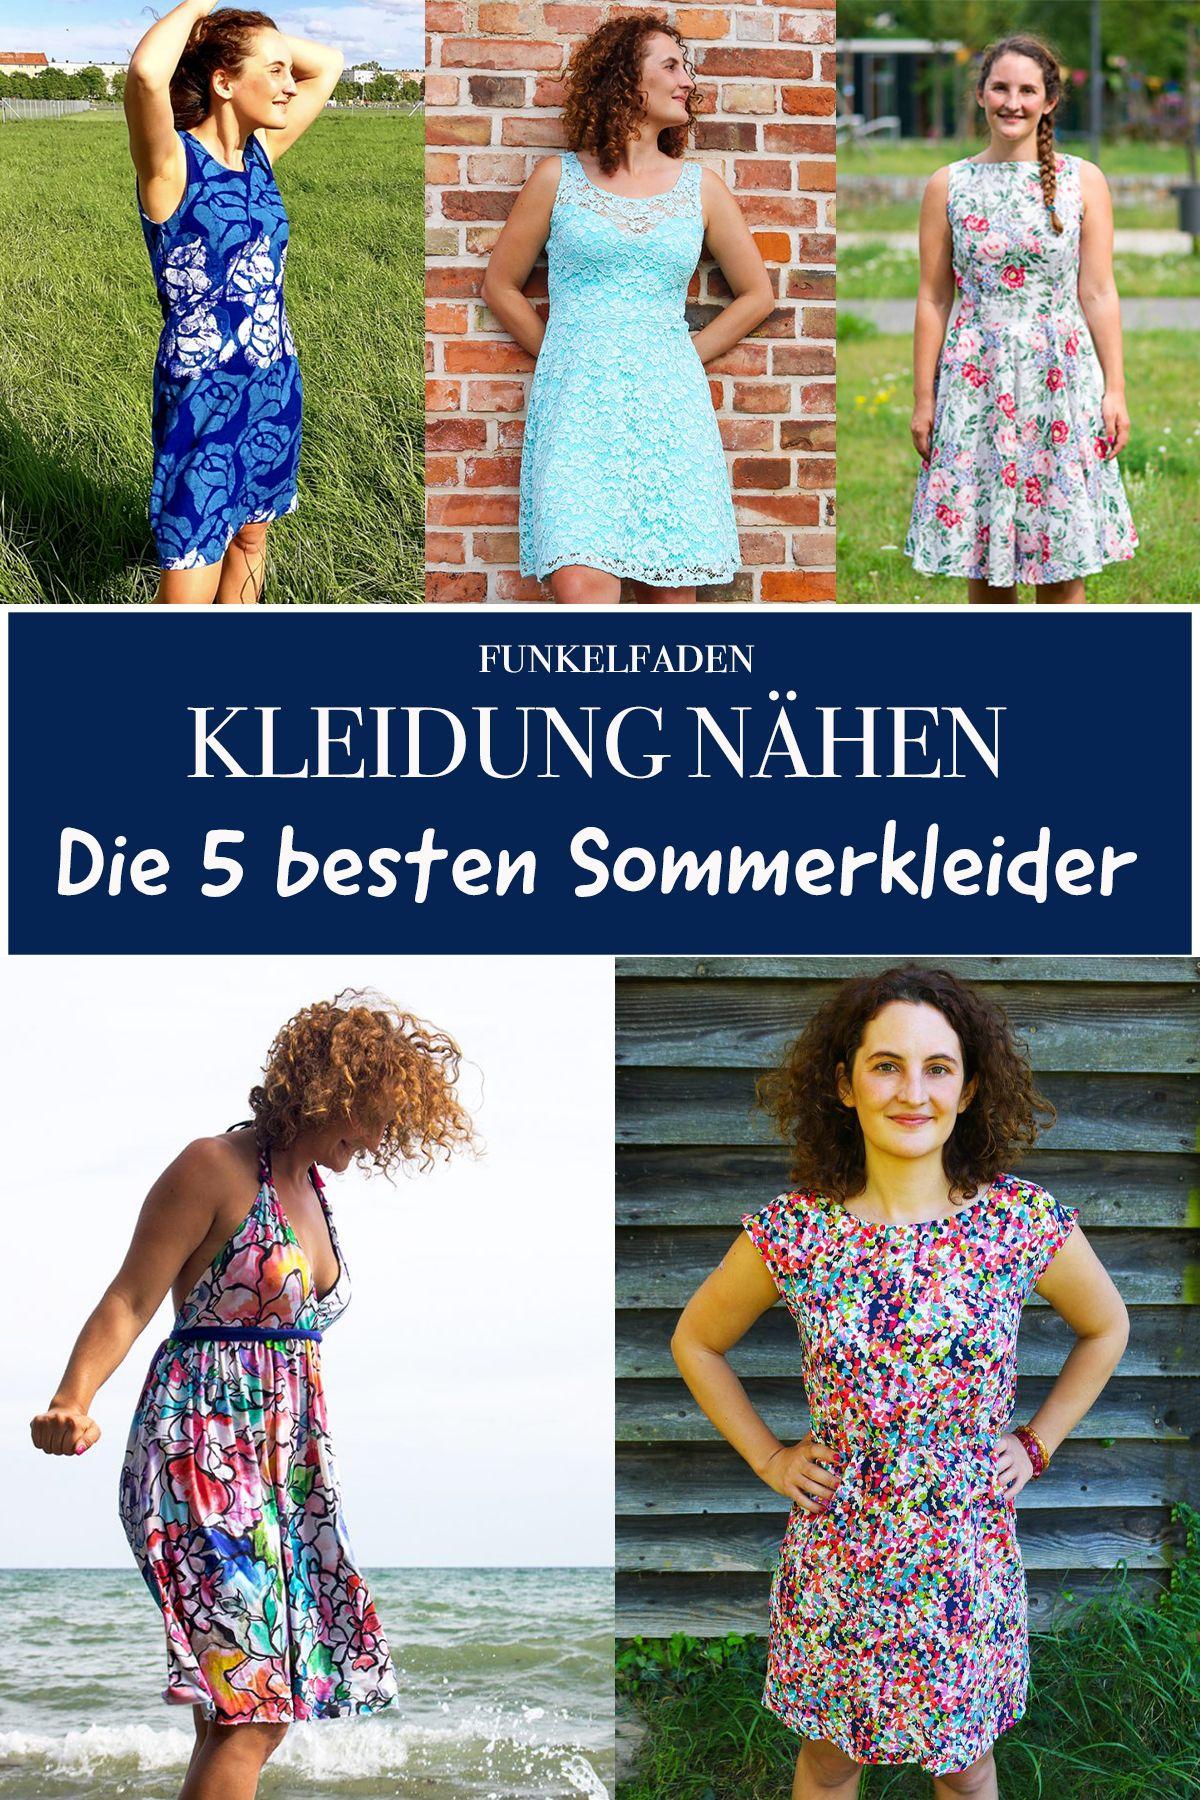 kleider nähen - die 5 besten sommerkleider zum nähen für